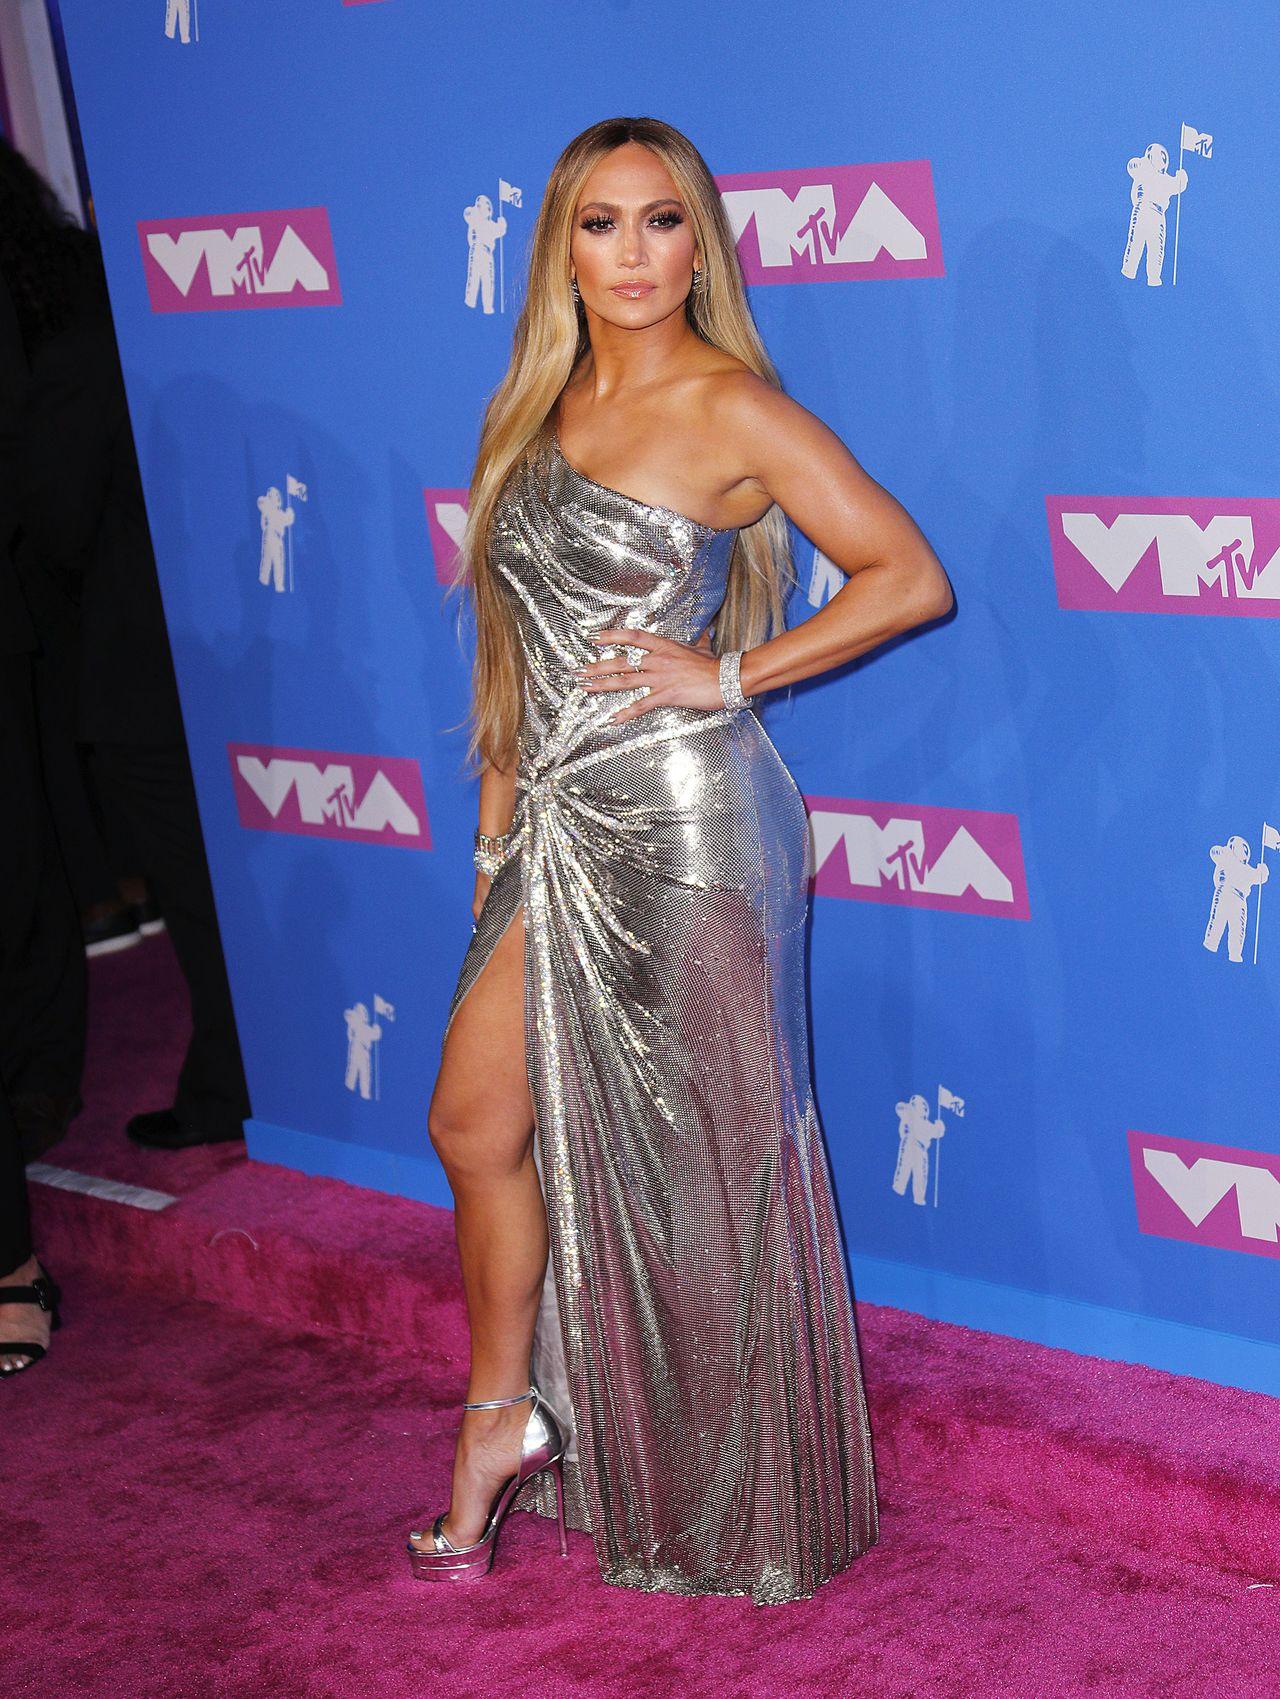 20 lat młodsza od Lopez Rita Ora chciała skraść SHOW - udało się? (ZDJĘCIA)